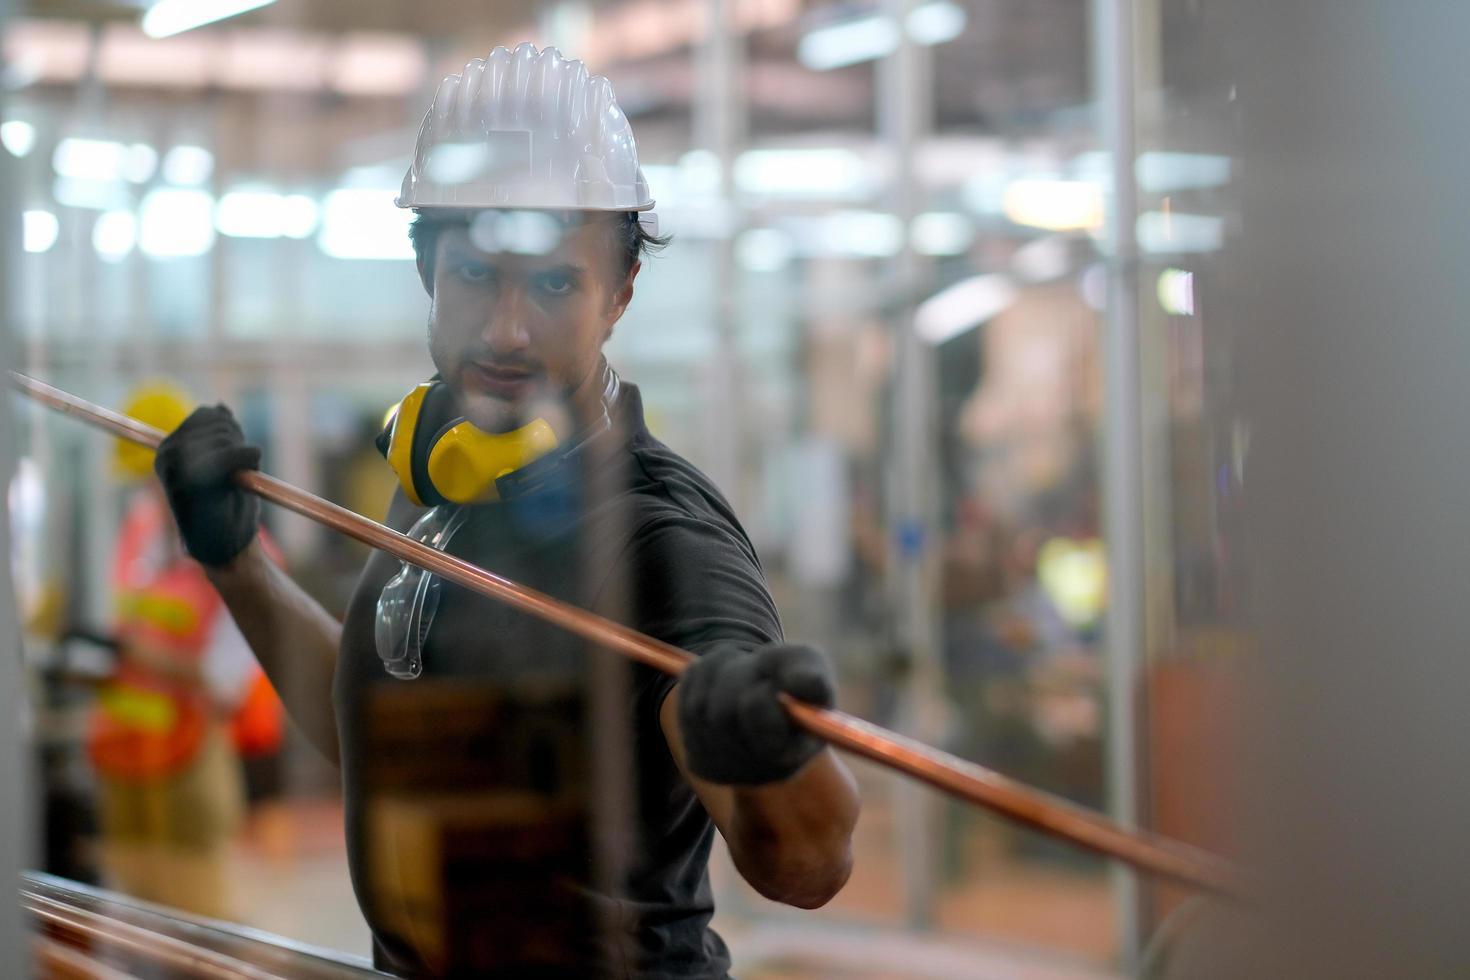 tekniker som håller ett kopparrör på fabriksplatsen foto